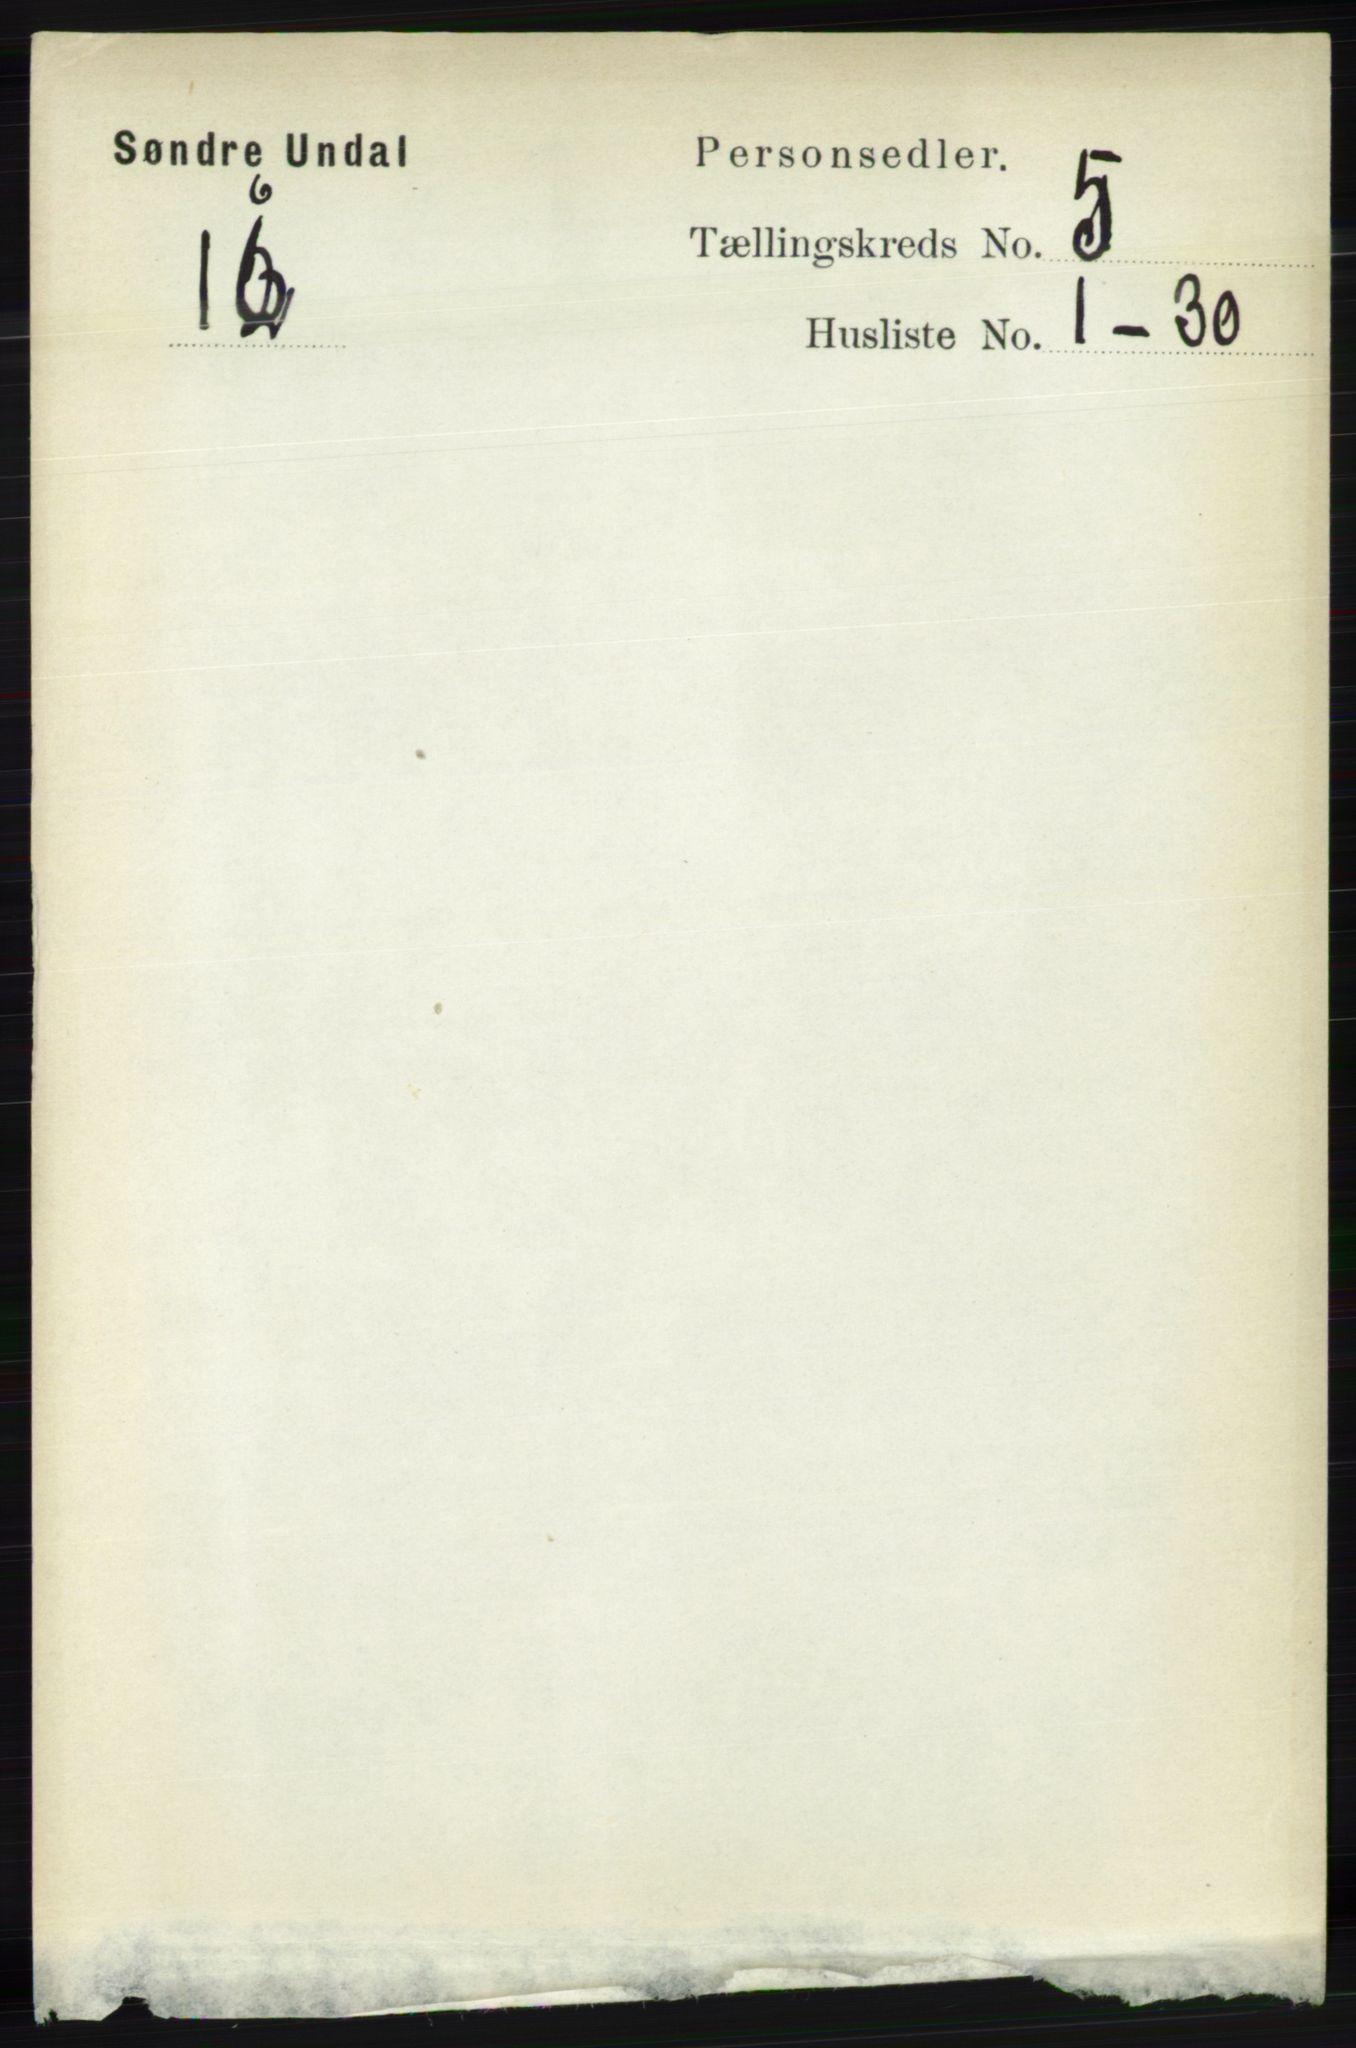 RA, Folketelling 1891 for 1029 Sør-Audnedal herred, 1891, s. 1899